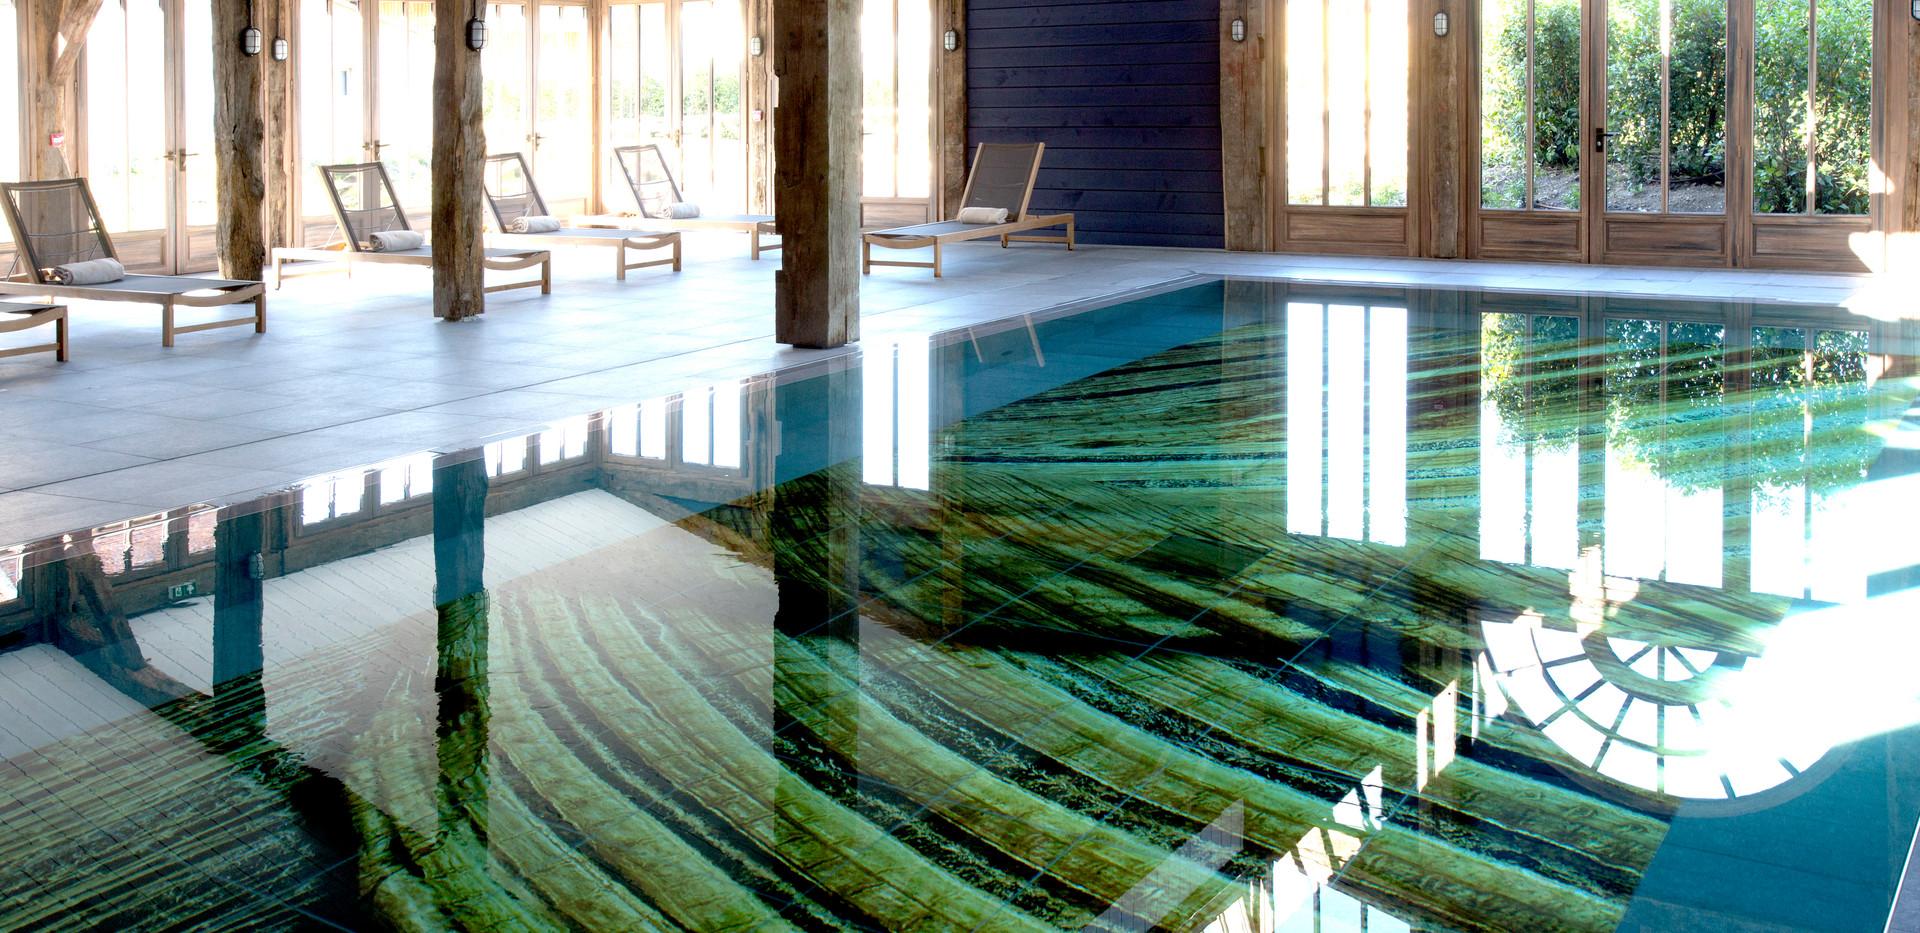 IndoorPool_RCellier∏.jpg